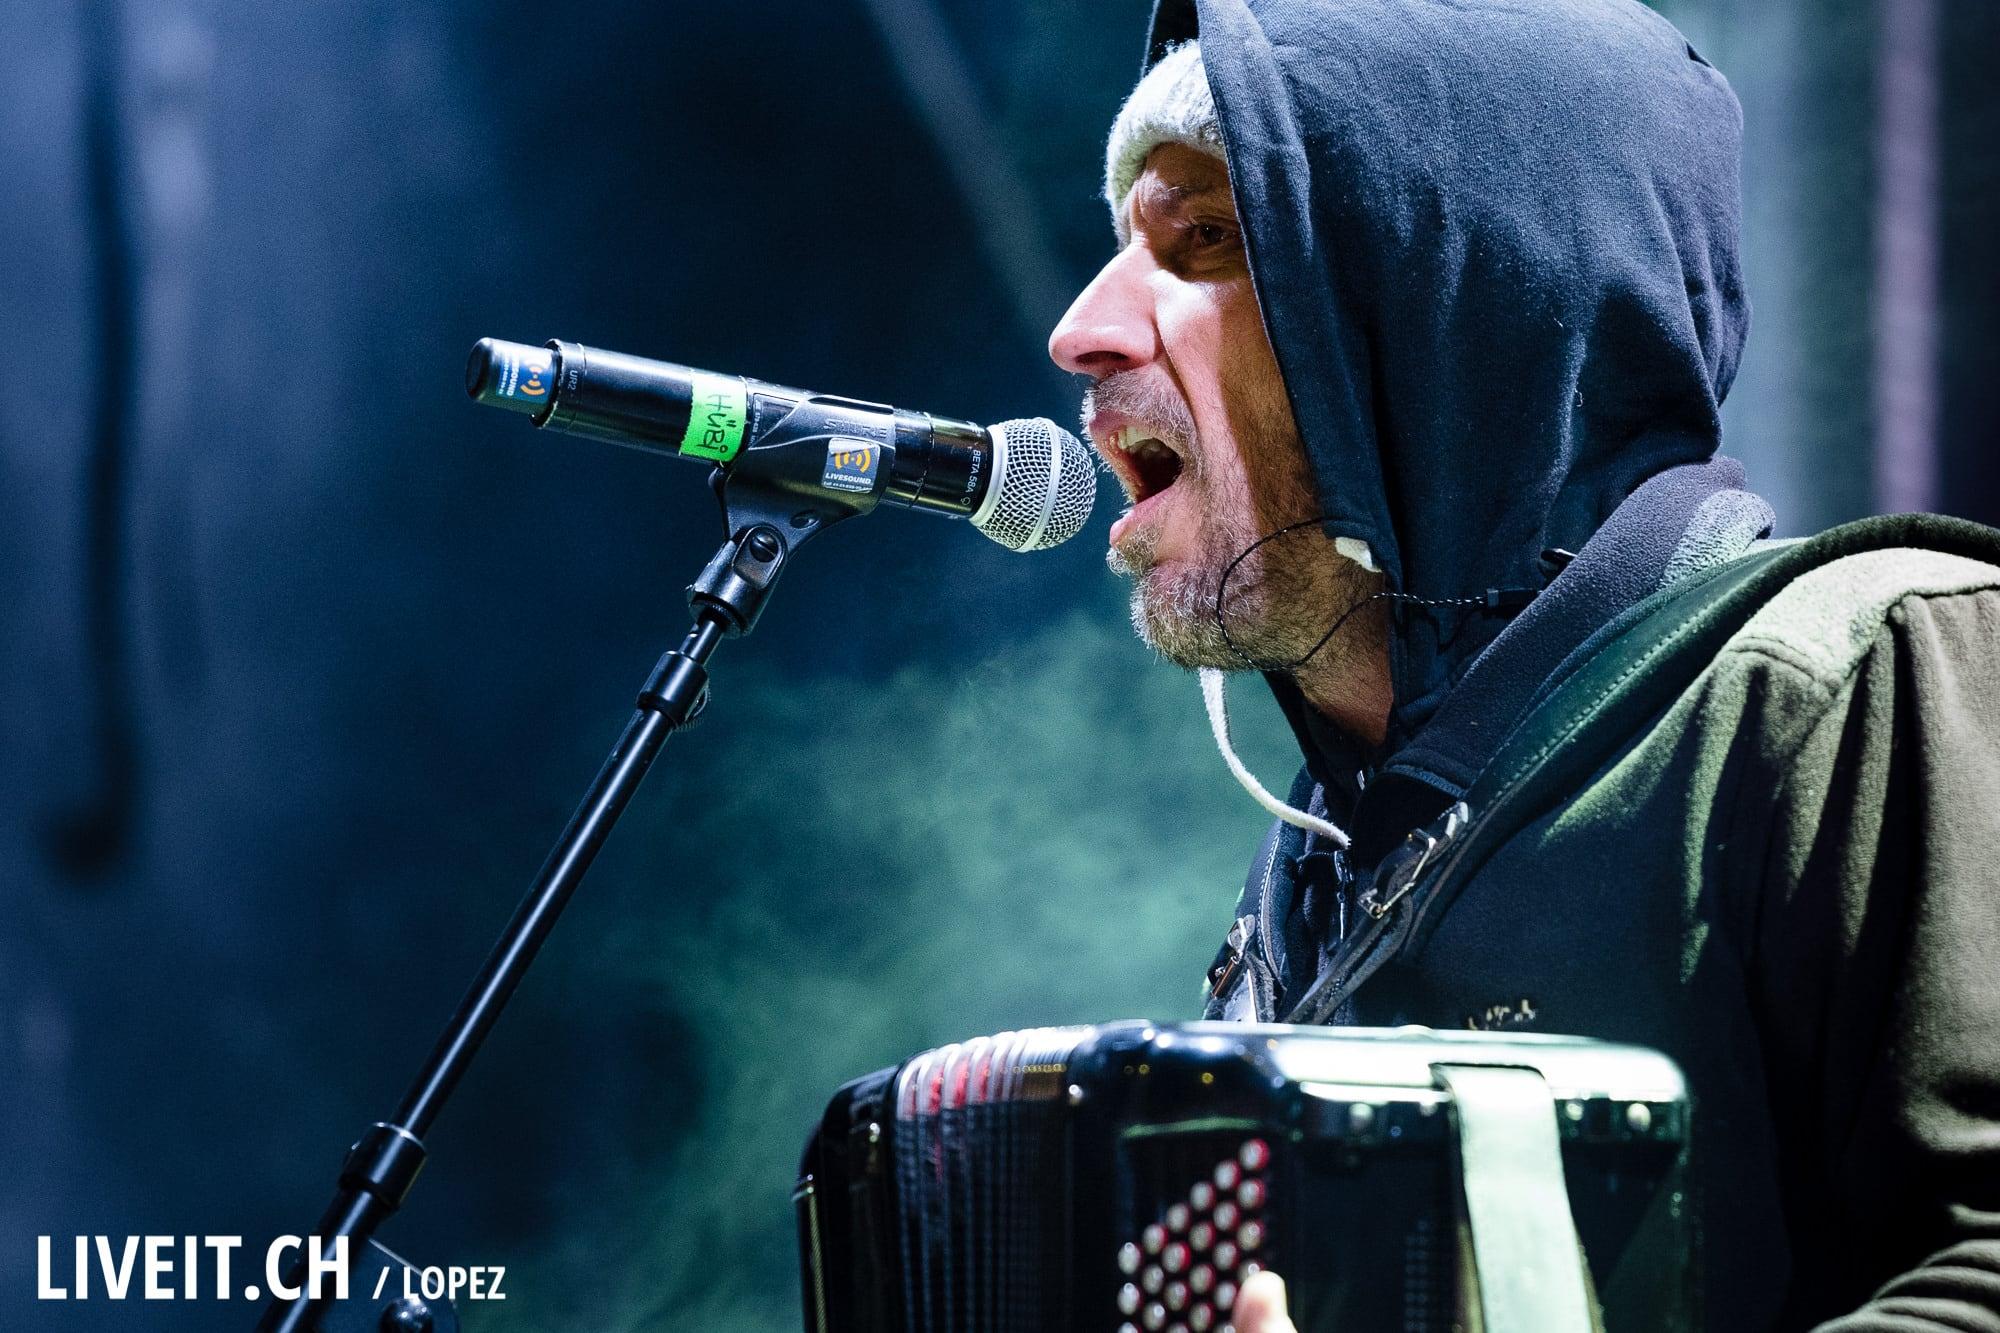 Manuel Lopez / mlpz.ch